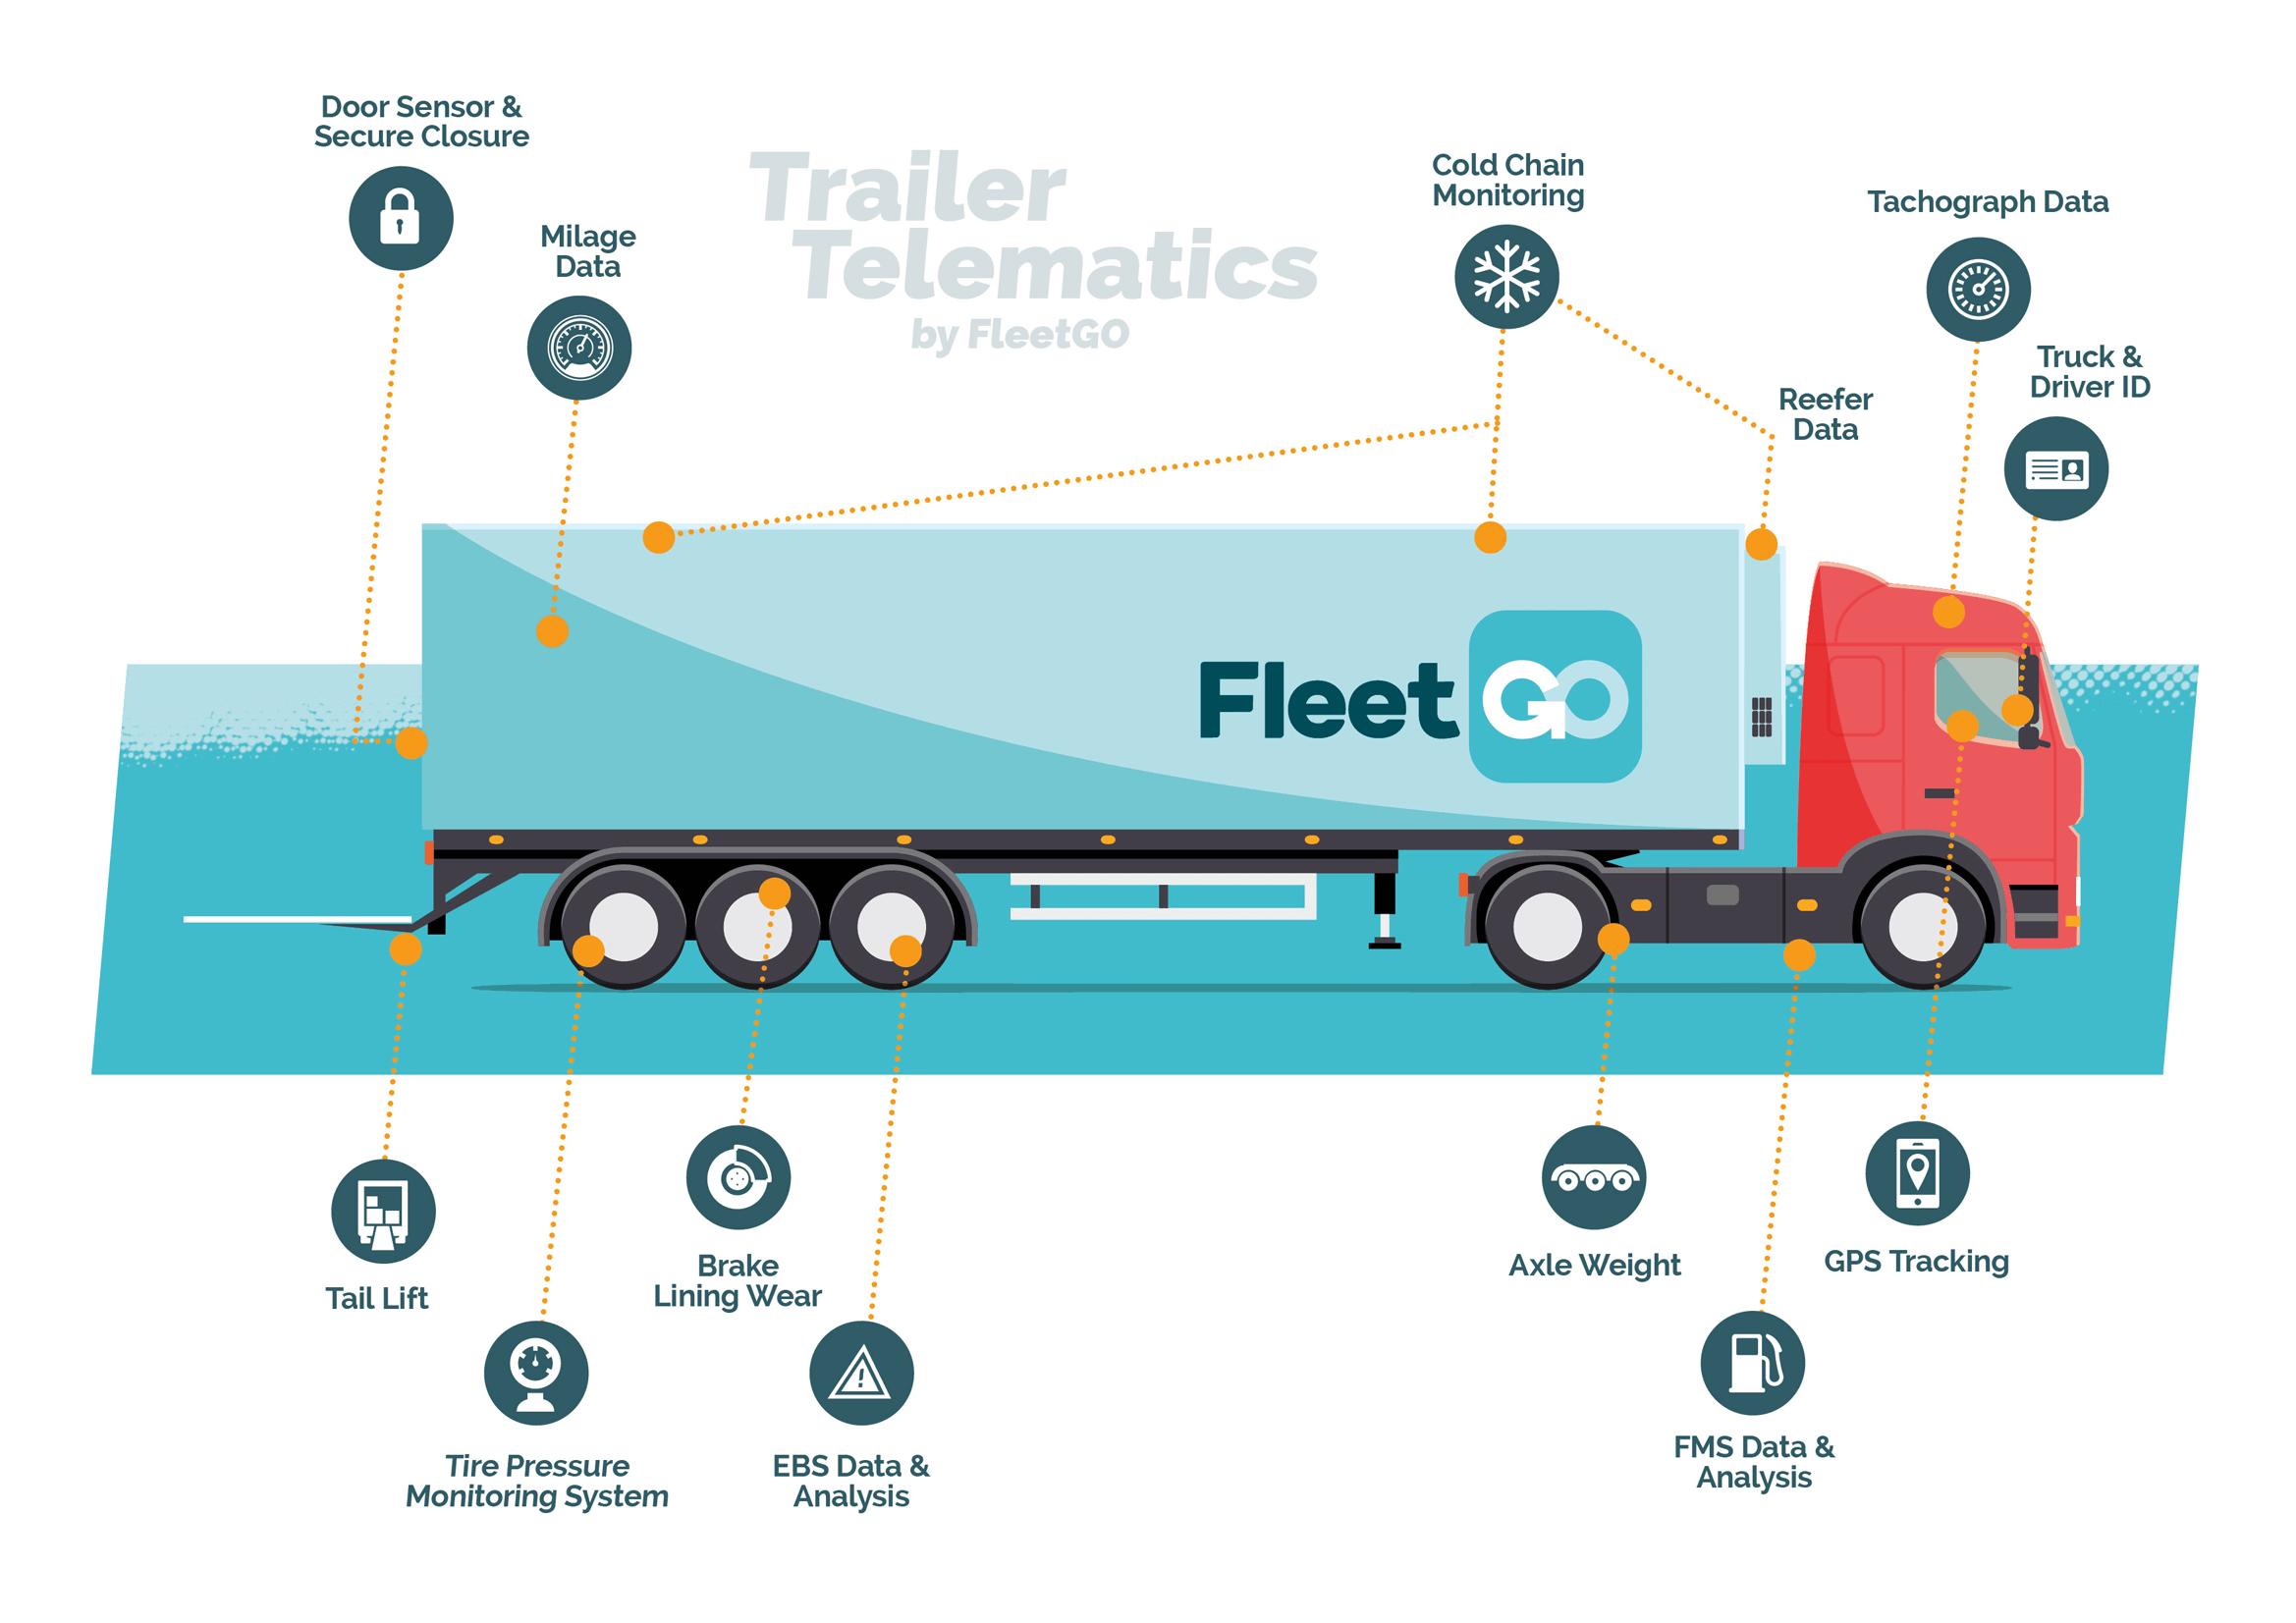 Trailer Telematics by FleetGO